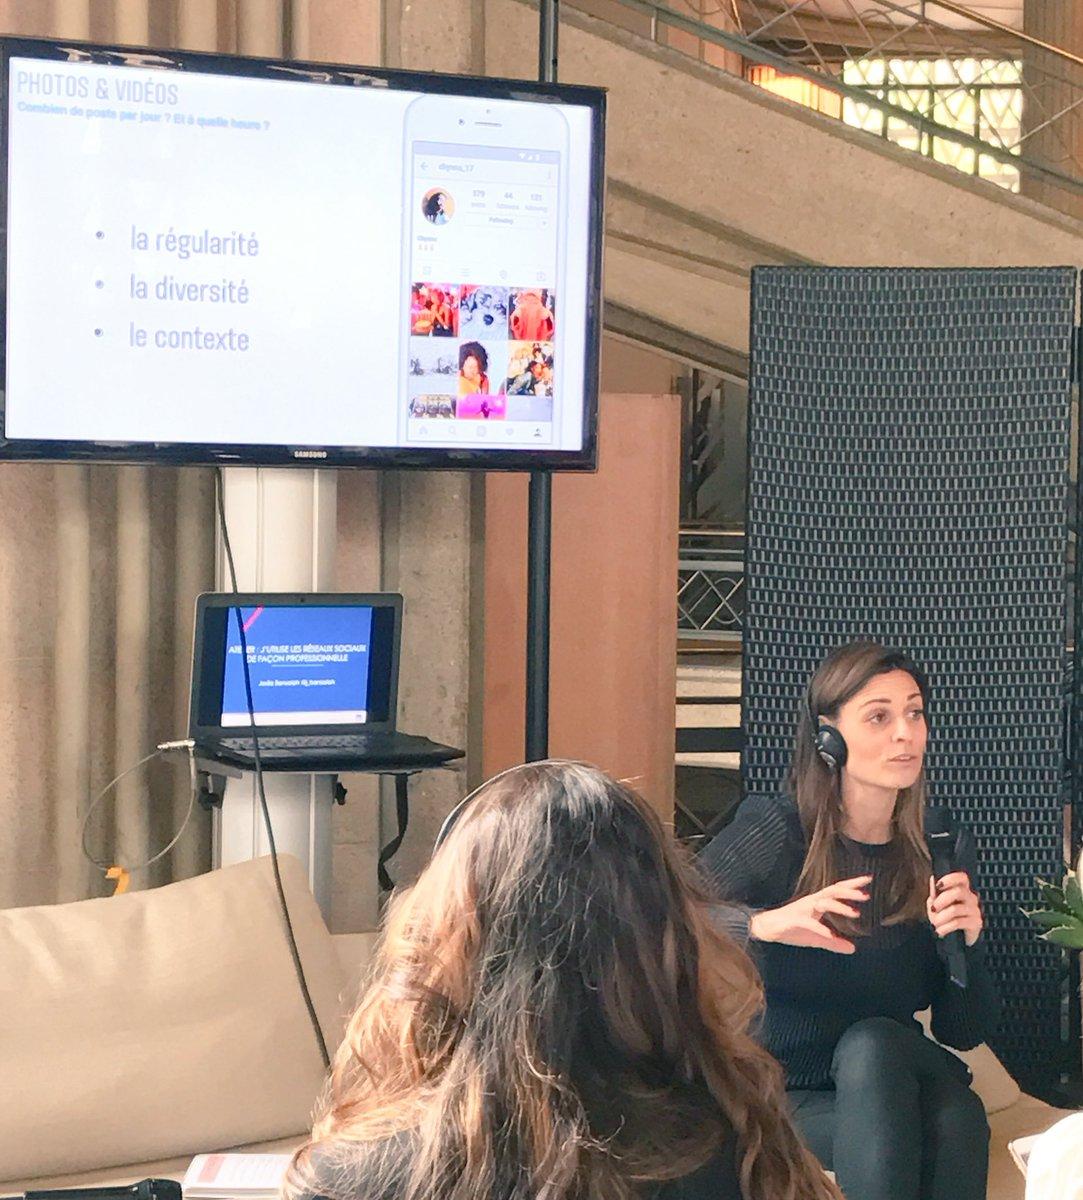 Boostez votre profil #instagram grâce aux conseils de @JujuPellet, brand development lead @instagram au Forum #elleactive @ELLEactive <br>http://pic.twitter.com/BIpWmWWhVT